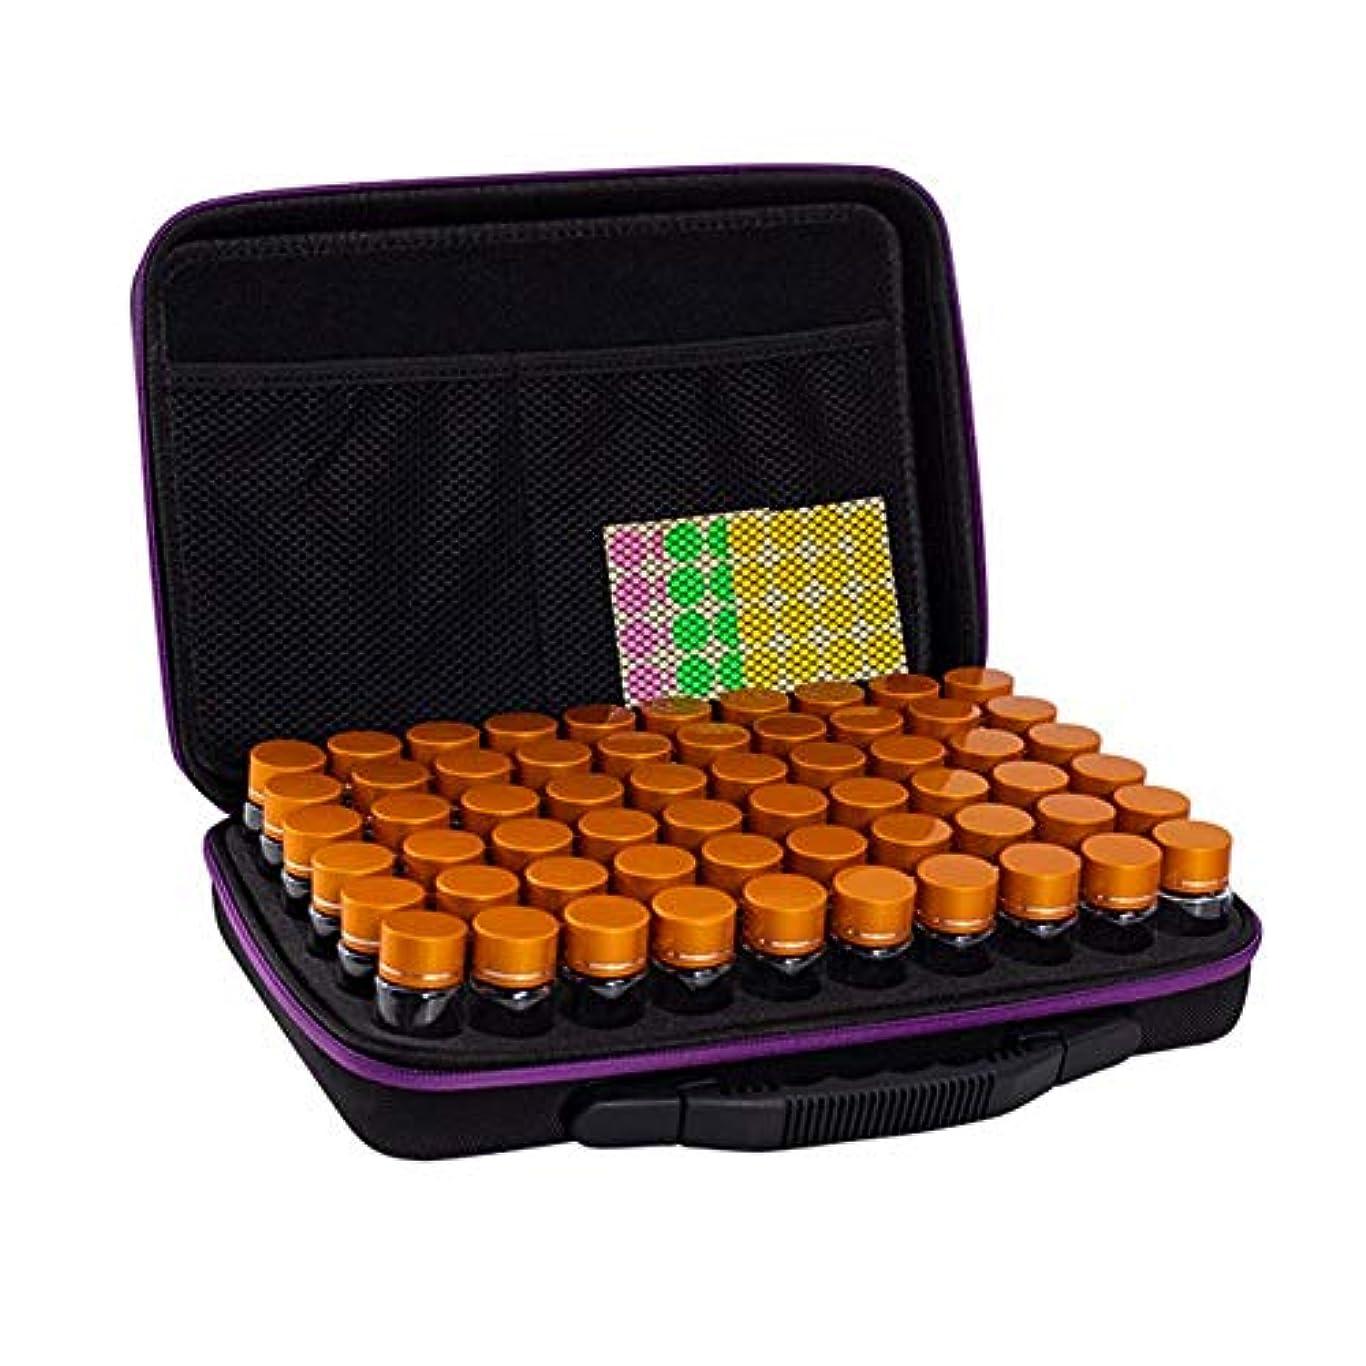 調整過敏な気性精油収納ボックス エッセンシャルオイルケース 携帯用 香水収納バッグ アロマケース 精油ケース 大容量 傷防止 耐衝撃 EVA アロマセラピストポーチ 60本用 エッセンシャルオイル収納ボックス